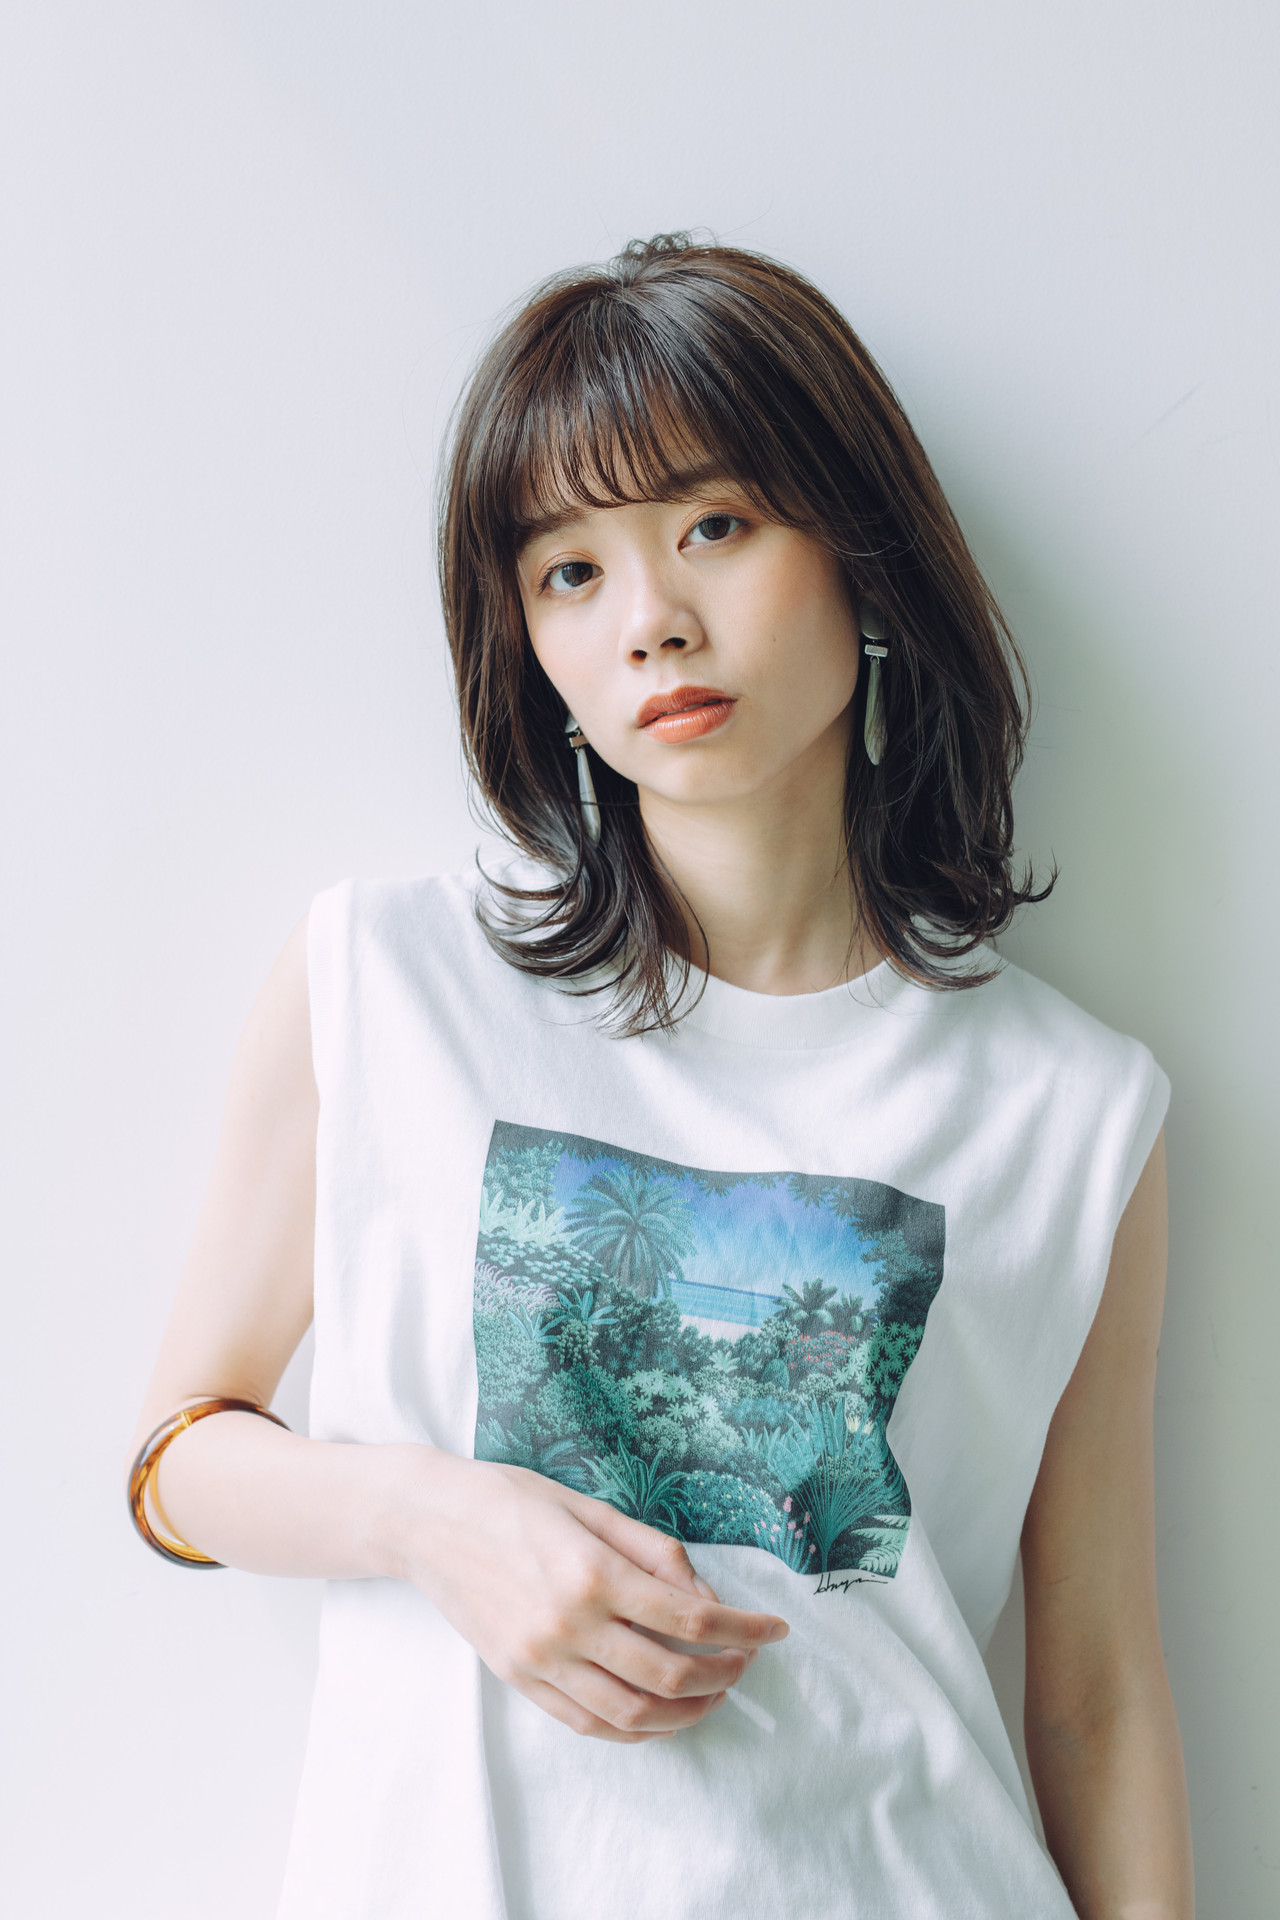 ミディアムレイヤー ナチュラル 鎖骨ミディアム 大人ミディアム ヘアスタイルや髪型の写真・画像 | 児玉善央 / GARDEN harajuku